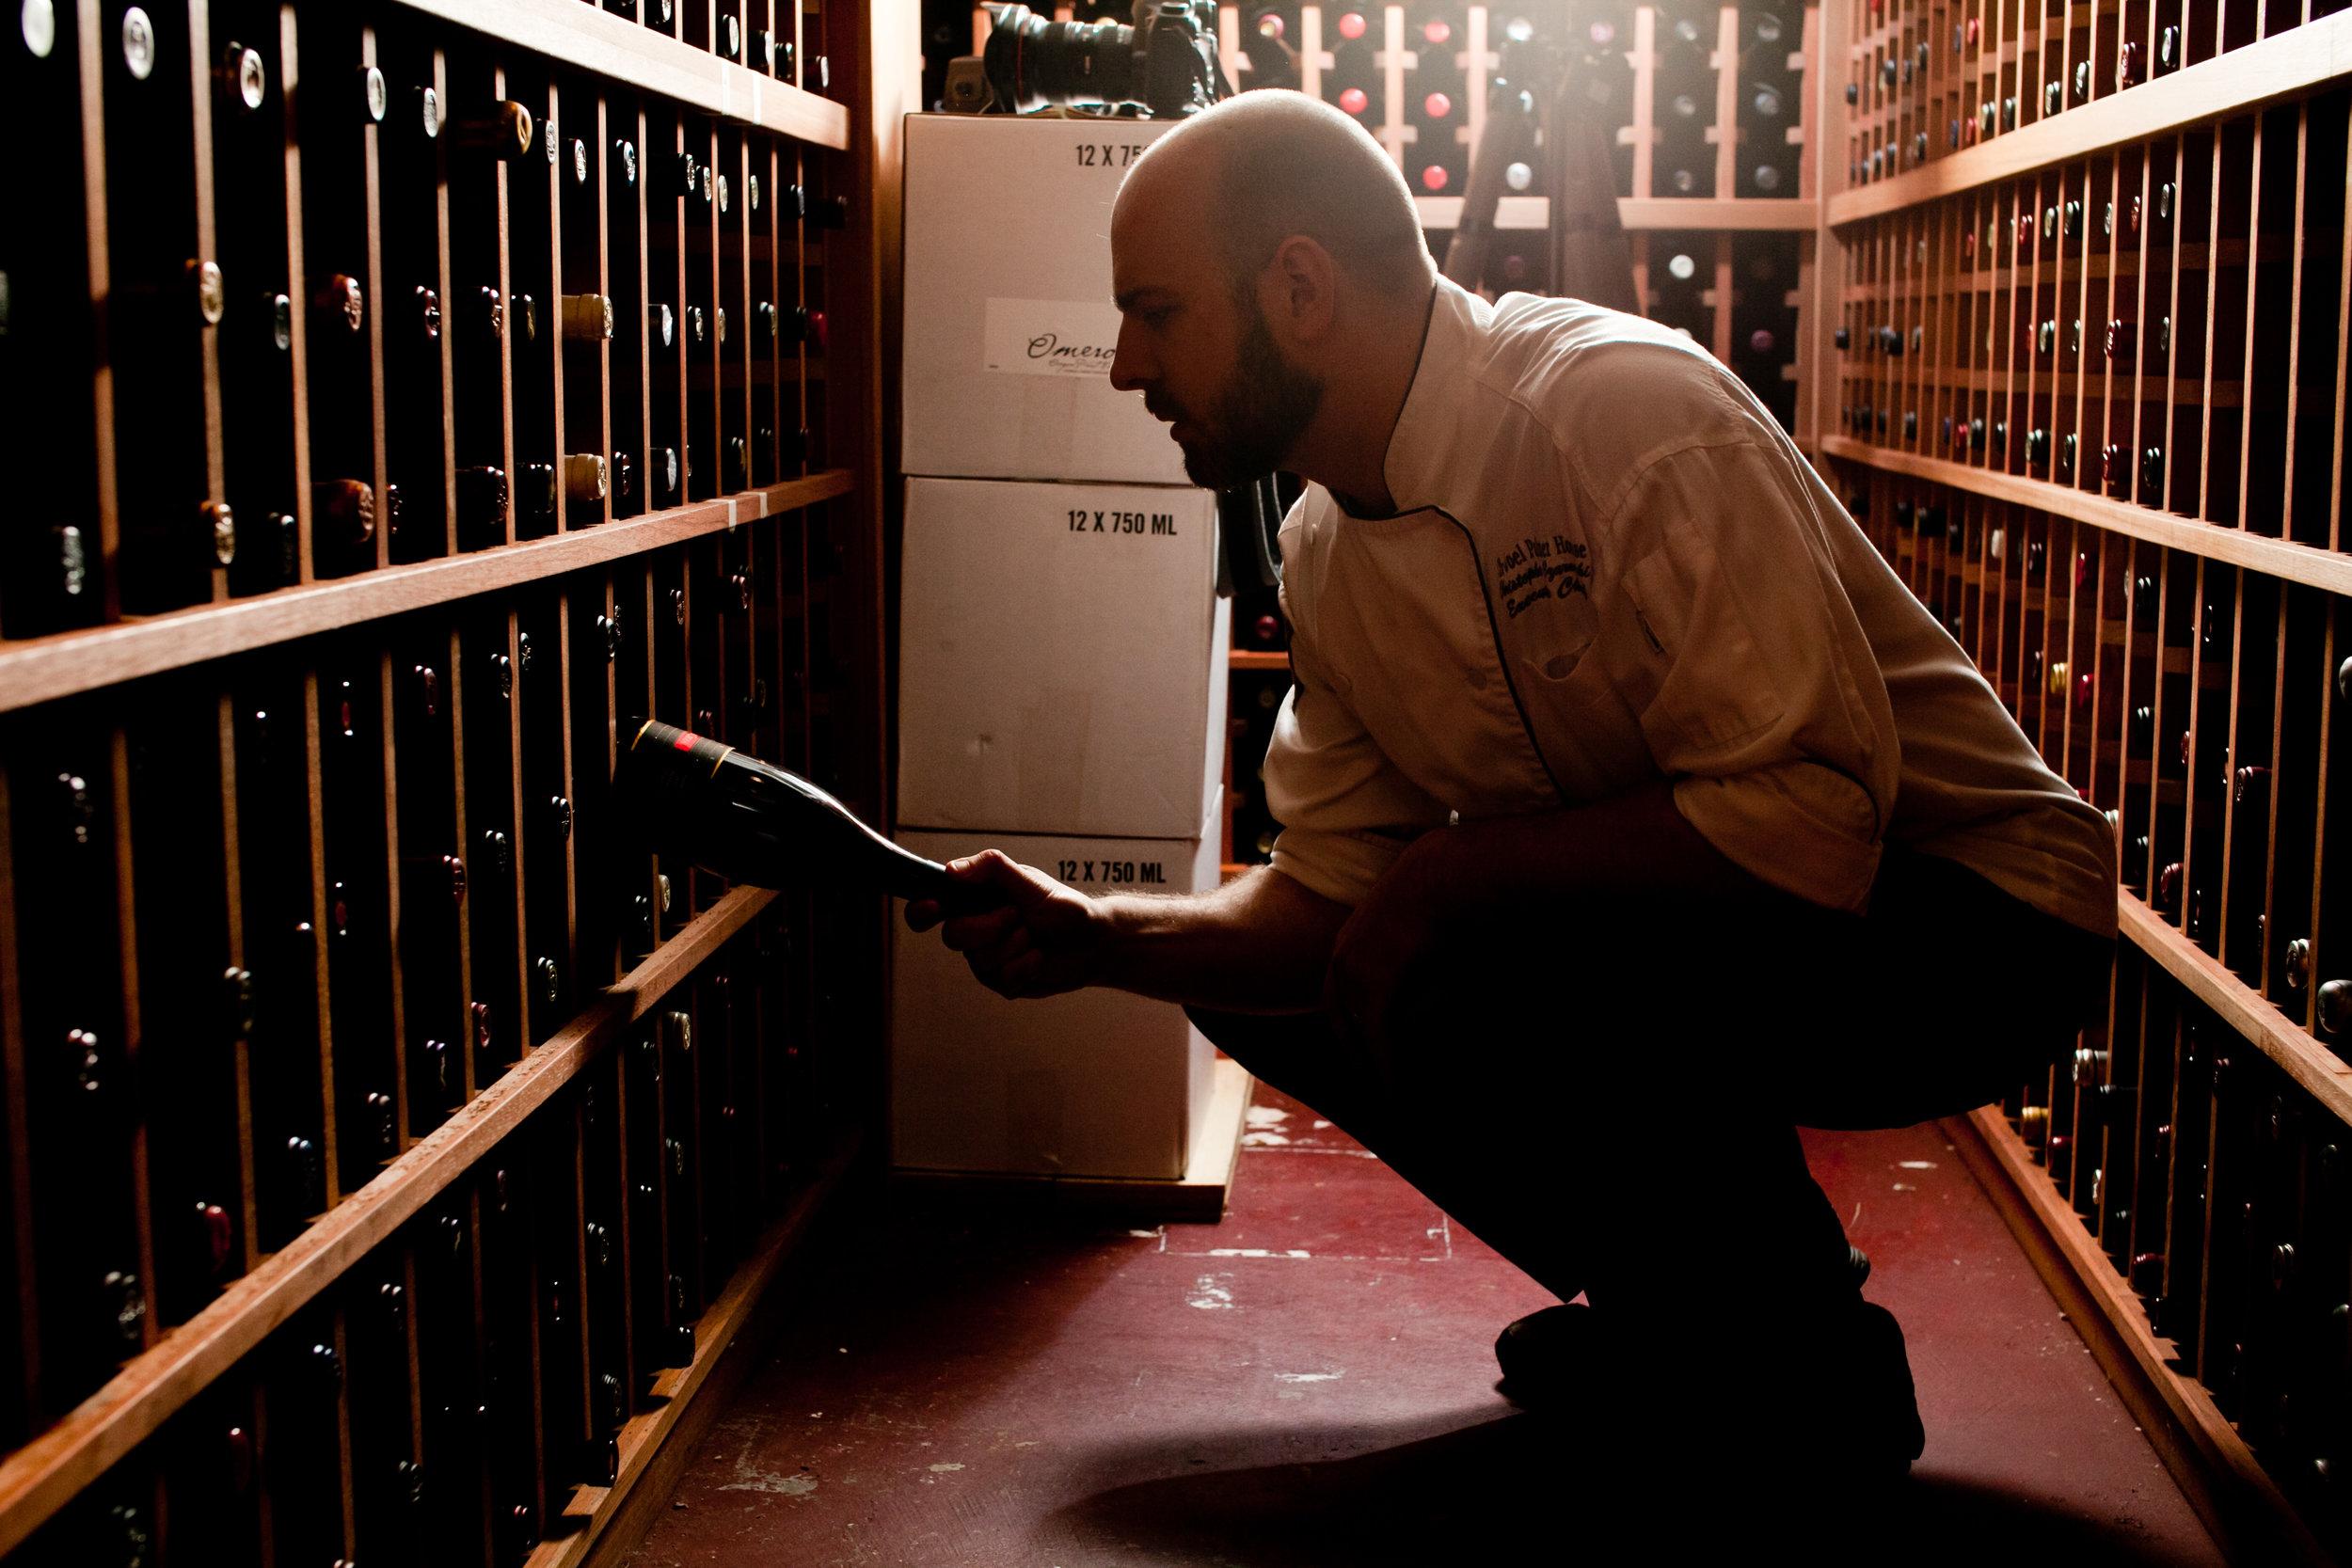 wine-cellar-willamette-valley